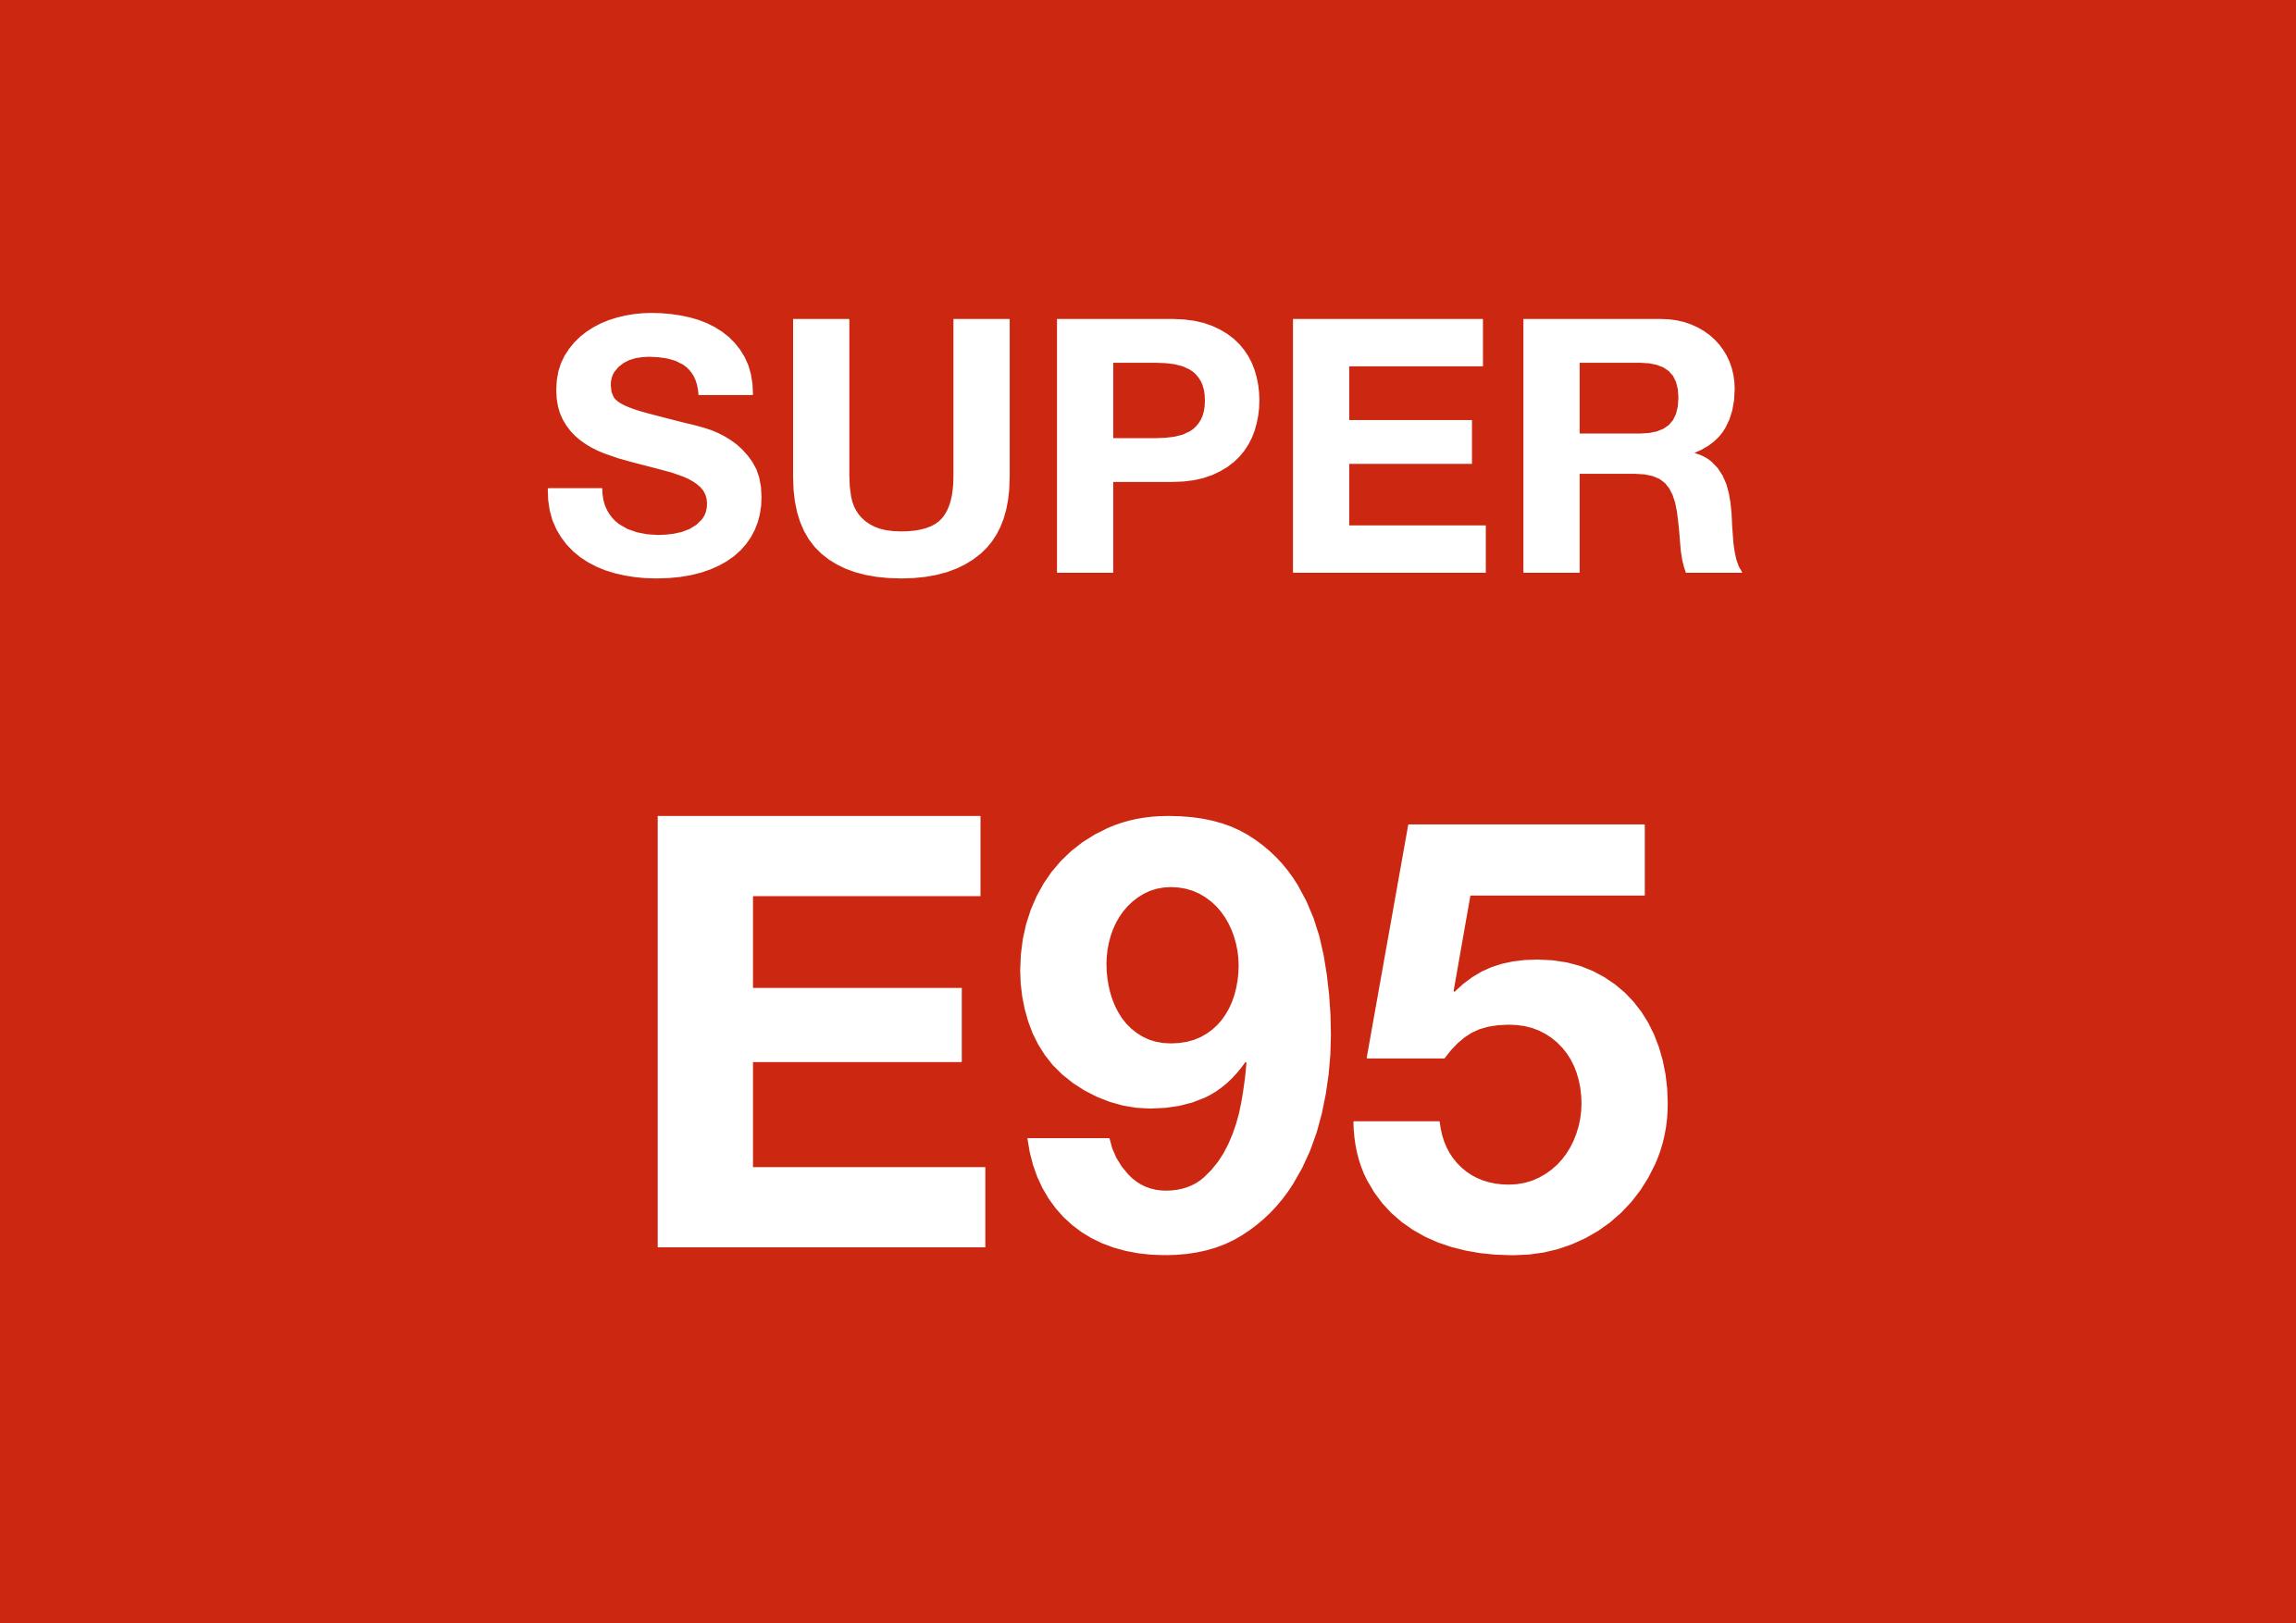 SUPER 95